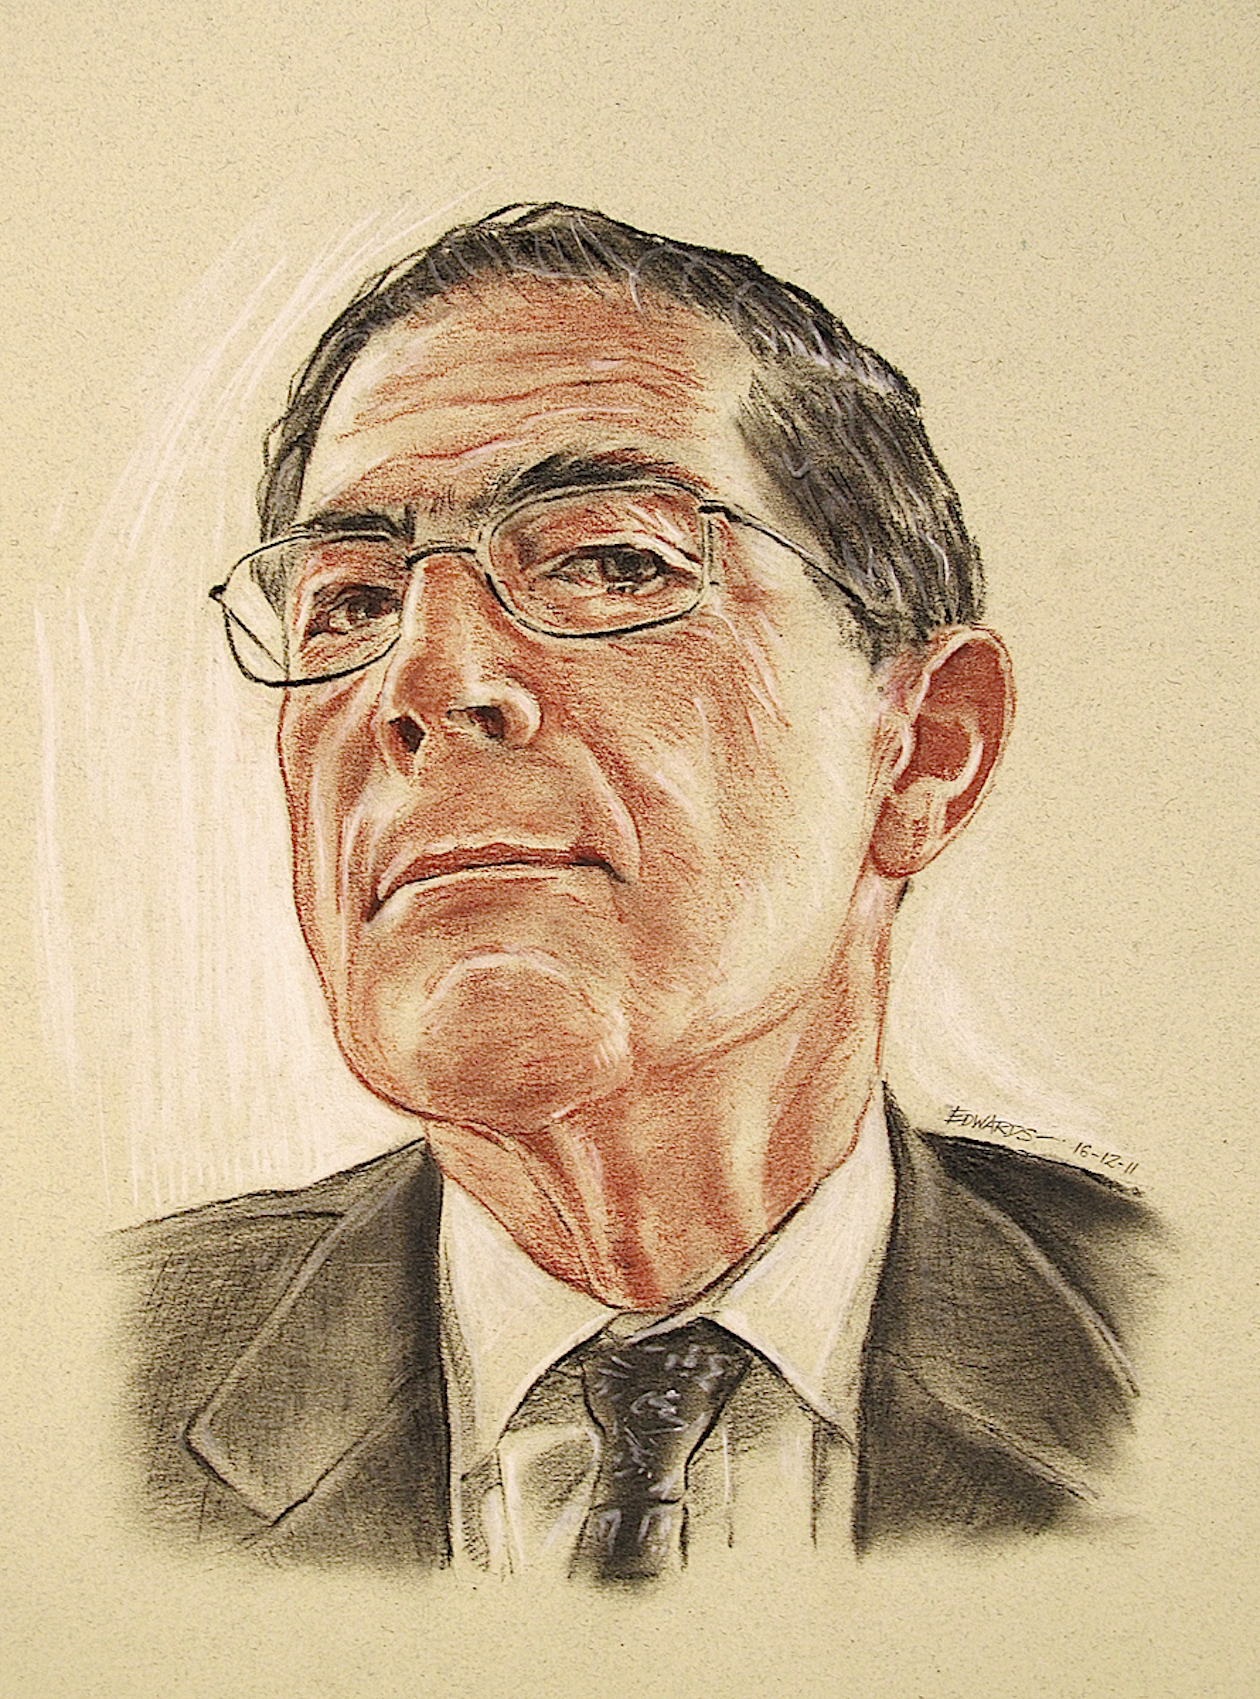 Professor Philippe de Montebello